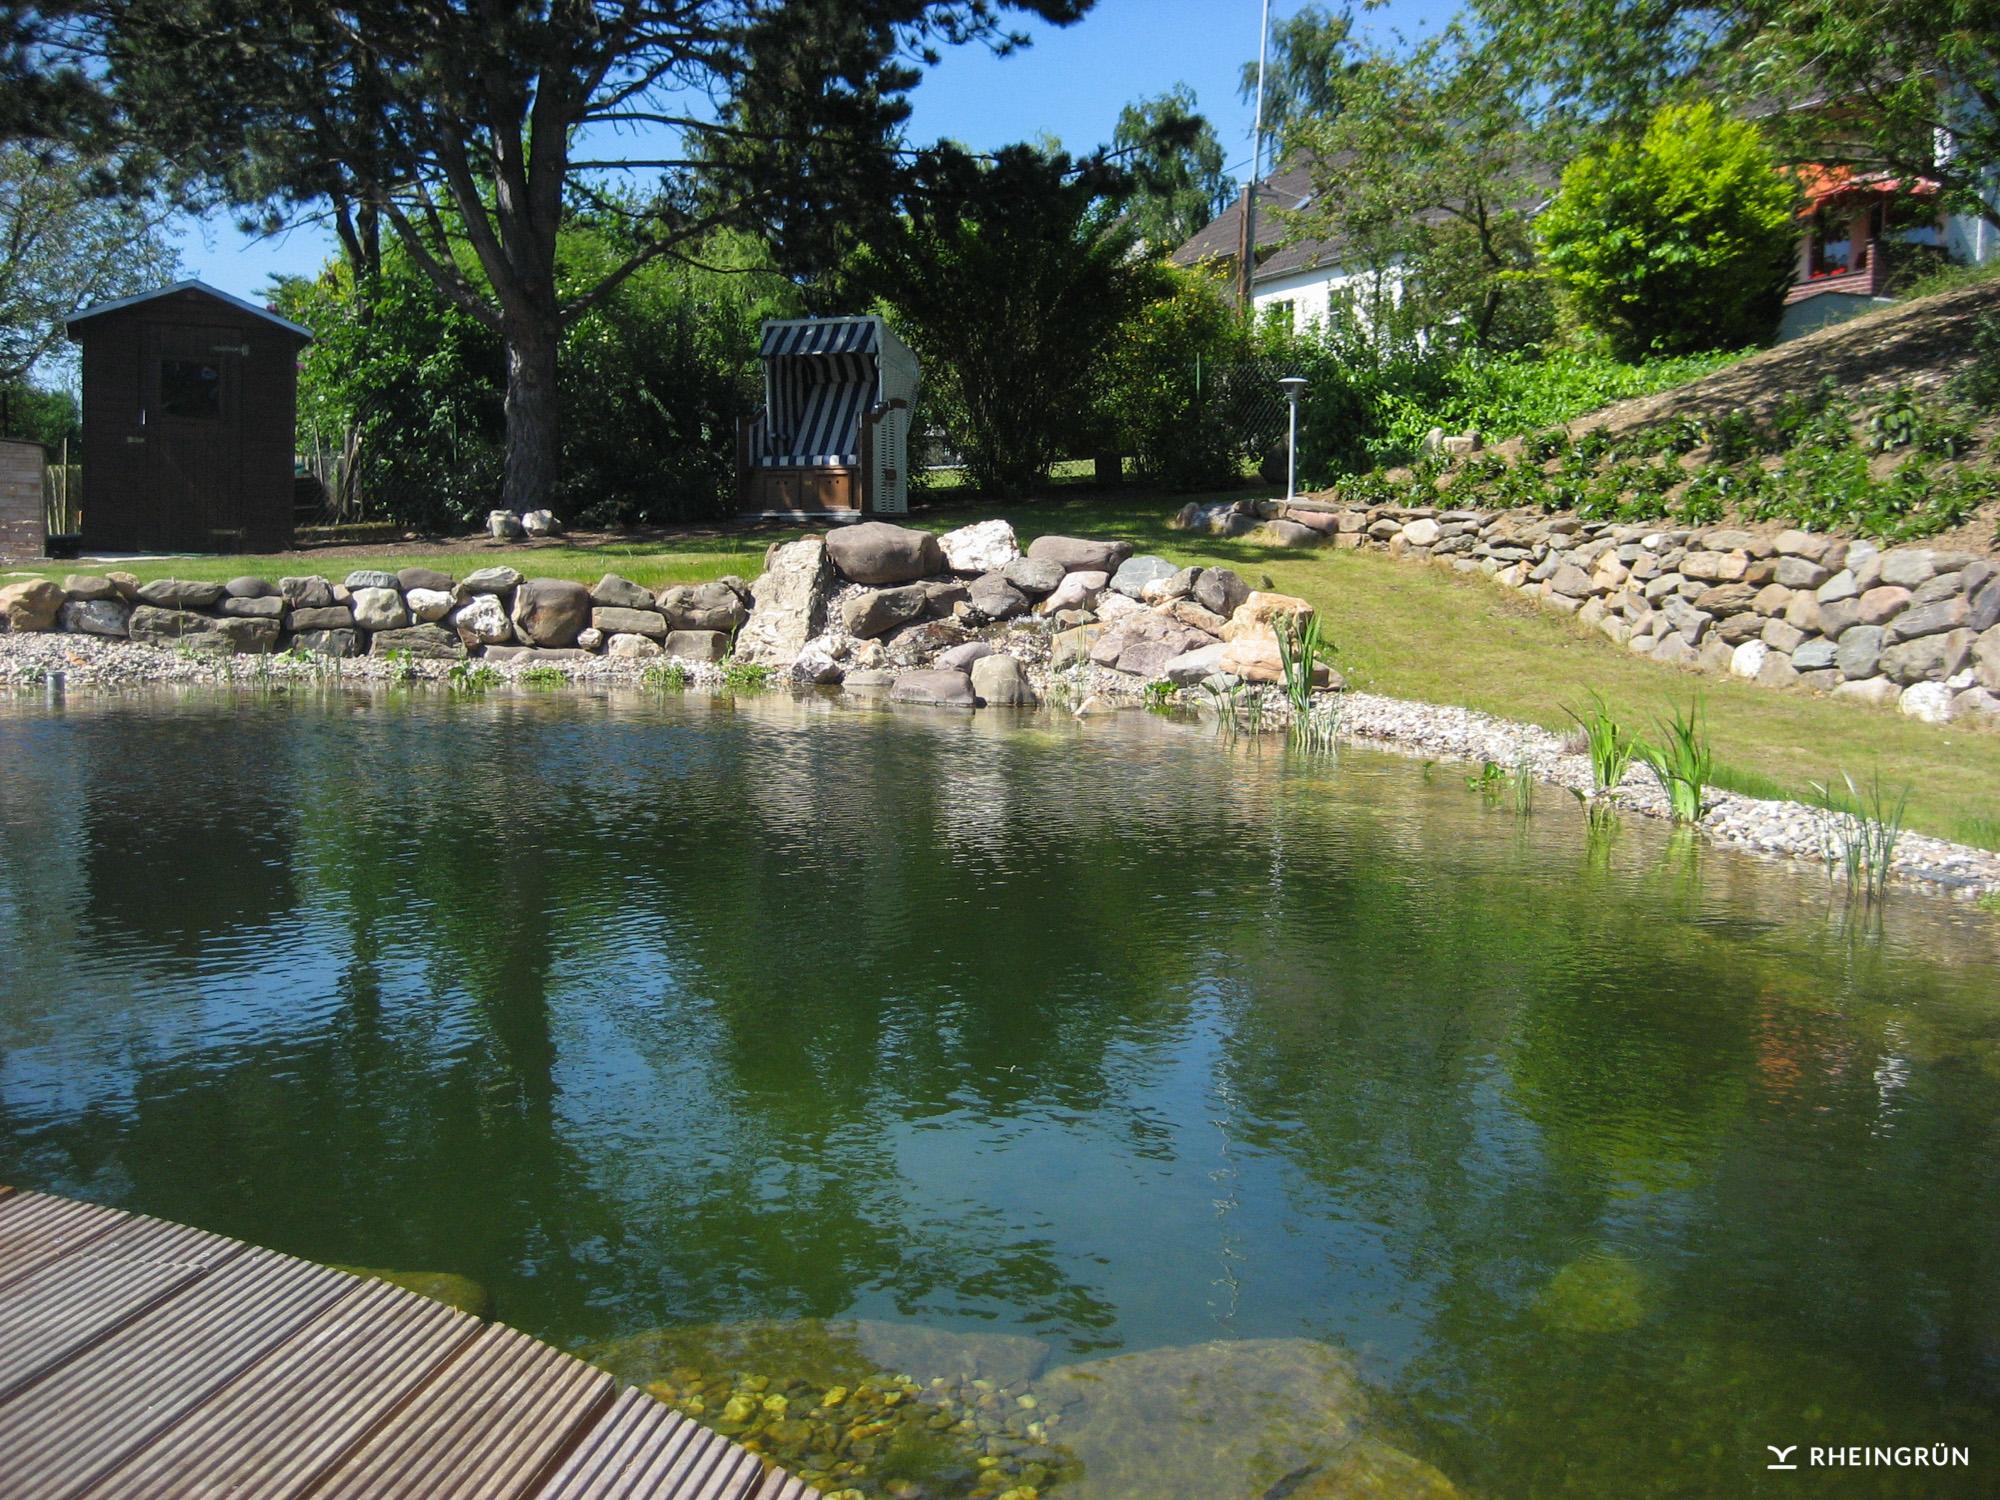 Naturnaher Schwimmteich am Hang mit Strandkorb und Holzterrasse